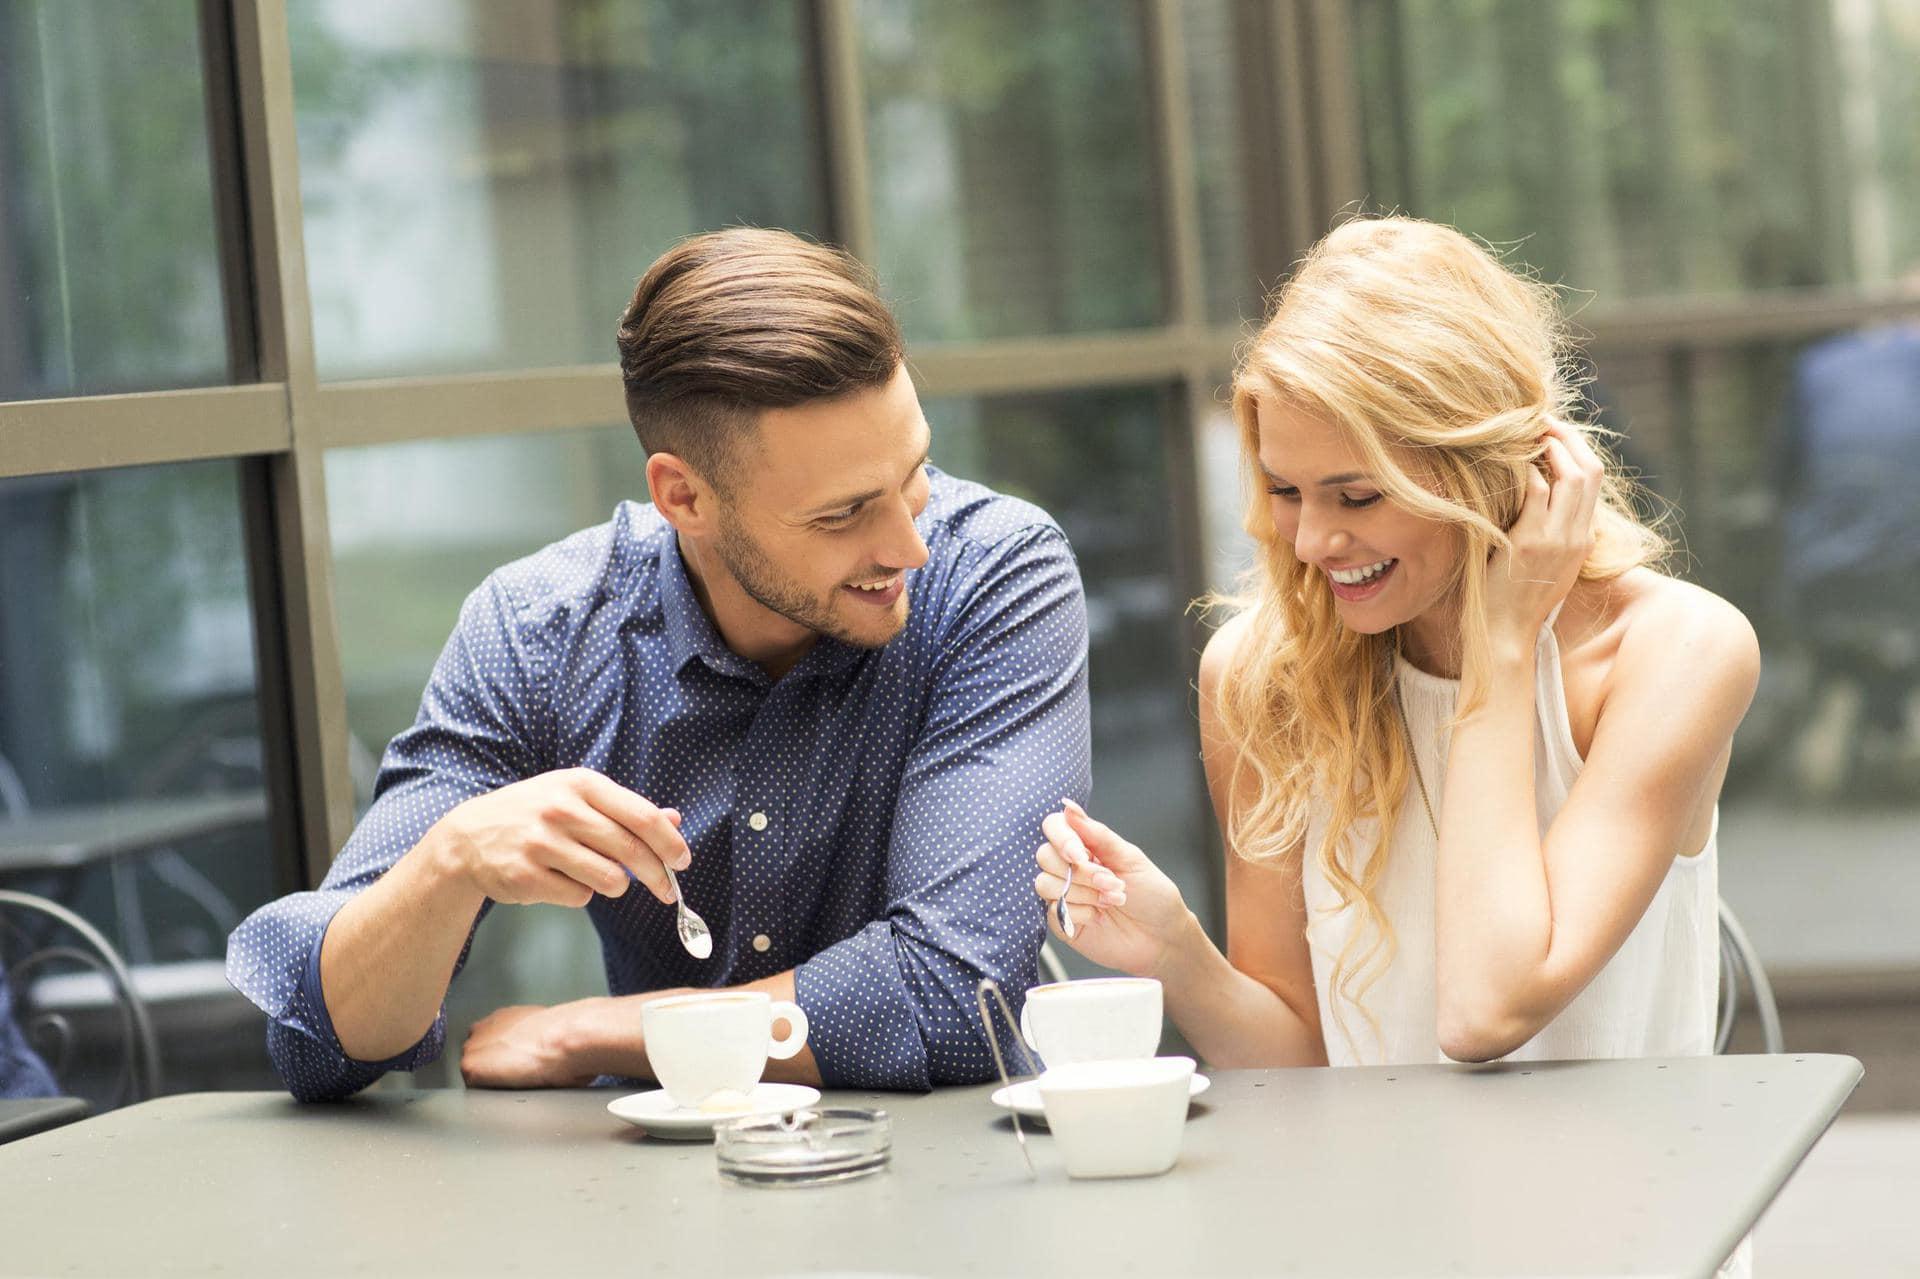 <p>Многие девушки не знают, как правильно вести себя при знакомстве с мужчиной, поэтому ошибаются в действиях и словах. В результате общение сводится к минимуму, а новый знакомый начинает избегать встреч. Для эффективного диалога нужно соблюдать несколько правил: культурно себя вести, грамотно говорить и избегать запрещенных тем.</p> <h2>При личной встрече</h2> <p>Во время знакомства важную роль играет первое впечатление о партнере. Человеческая психика способствует тому, что мужчины моментально оценивают девушек и мысленно определяют им «статус» в своей дальнейшей жизни. Женщинам важно всегда хорошо выглядеть, правильно общаться с мужчиной на первом этапе знакомства и культурно себя вести. На начальной стадии это позволит девушке понравиться партнеру. Если свидание разочарует парня, то в другой день он не захочет встречаться и продолжать общение с дамой, сославшись на придуманные обстоятельства.</p> <h3>Культурное поведение</h3> <p>Крутые девушки, отличающиеся циничным поведением, умеющие съязвить или обидеть слабого, часто нравятся молодым парням. Такой типаж присущ подросткам, но встретить можно и более зрелых женщин, создающих себе подобный имидж. Уверенность в себе, высокая самооценка и чувство превосходства над другими позволяют таким особам легко знакомиться с новыми людьми.</p> <p>Но общение с мужчинами в таких случаях редко доходит до серьезных отношений. С подобного рода девушками интересно развлекаться, совместно проводить ночи, но они не привлекают противоположный пол для совместной жизни. Серьезно настроенных мужчин поведение этих женщин отталкивает, поэтому юноши делают правильный выбор, отдавая предпочтение воспитанным девушкам.</p> <p>Если вы нацелены найти спутника жизни, а не очередного любовника, то важно правильно вести себя при знакомстве с мужчиной. В беседе избегайте нецензурных выражений, вульгарных и пошлых фраз. Мужчины любят воспитанных девушек, поэтому ведите себя вежливо и прилично. Проявляйте заинтересованность в увлечениях собеседника,